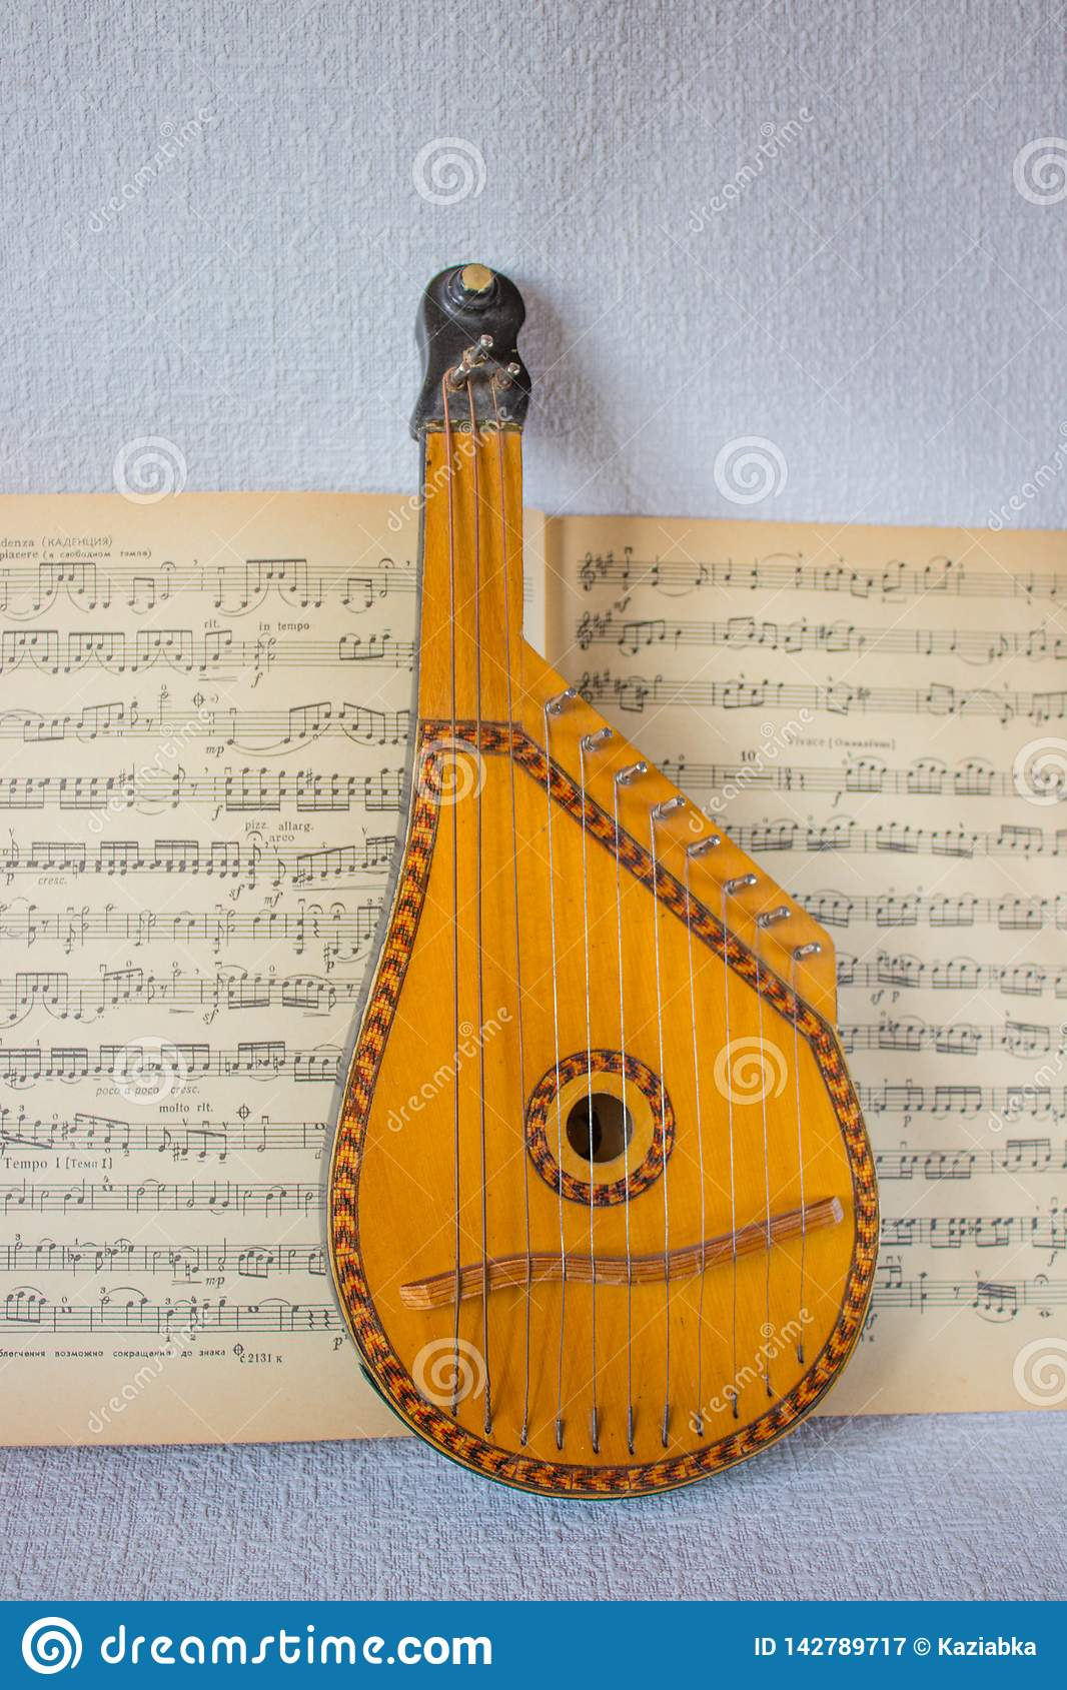 Un instrumento musical, un bandura, está situado en un libro de música abierto